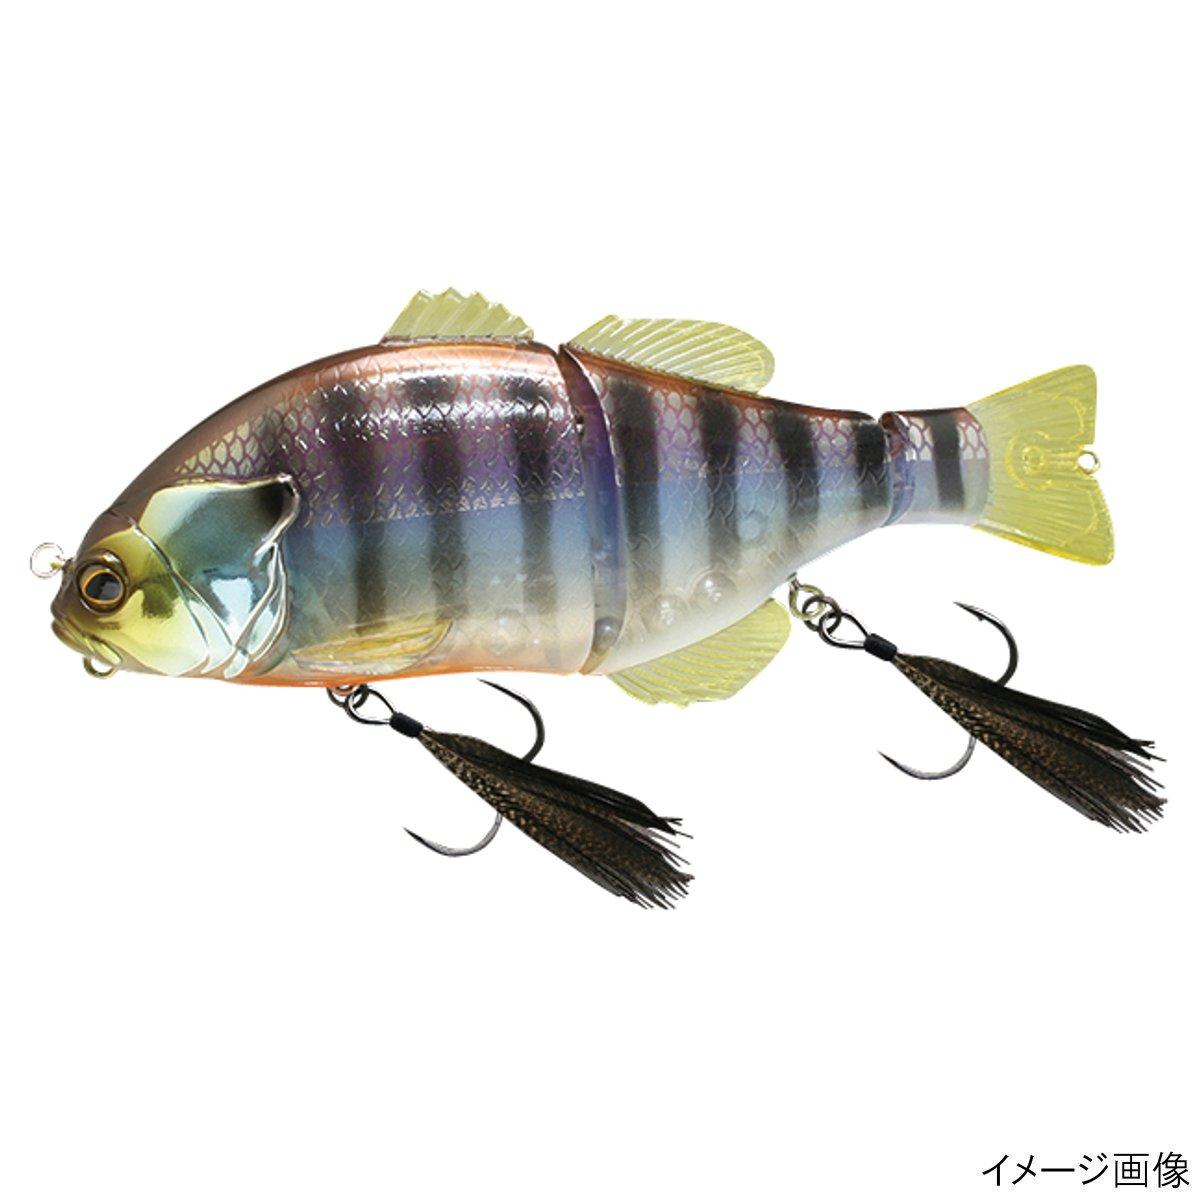 ジャッカル ガンタレル ウロコホロチギル(東日本店)